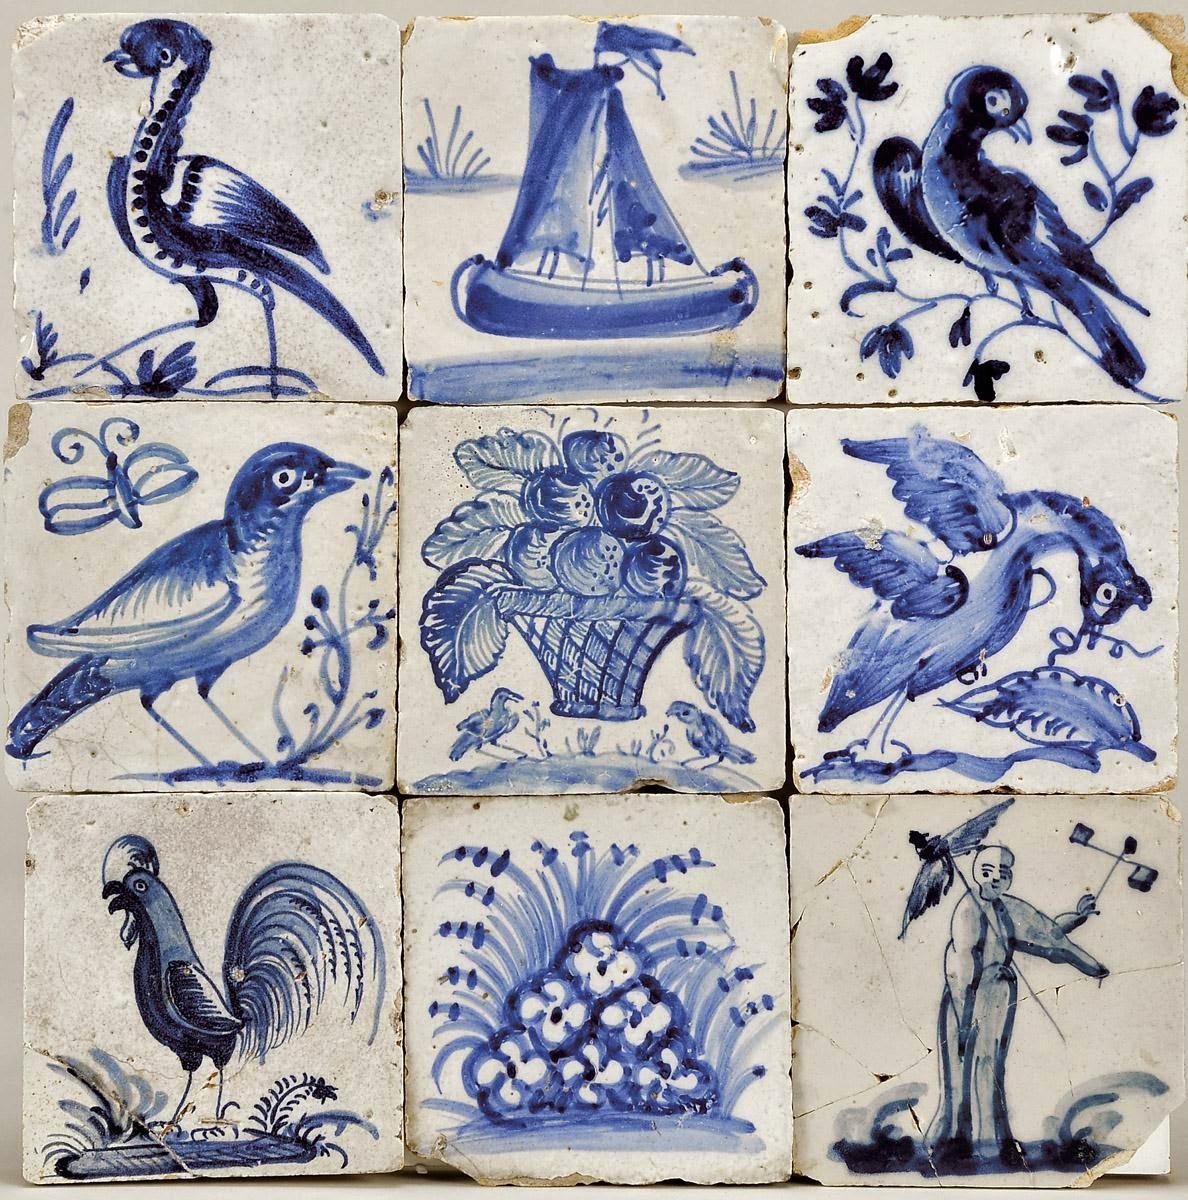 Ol como est s portugal e os azulejos for Azulejos de portugal